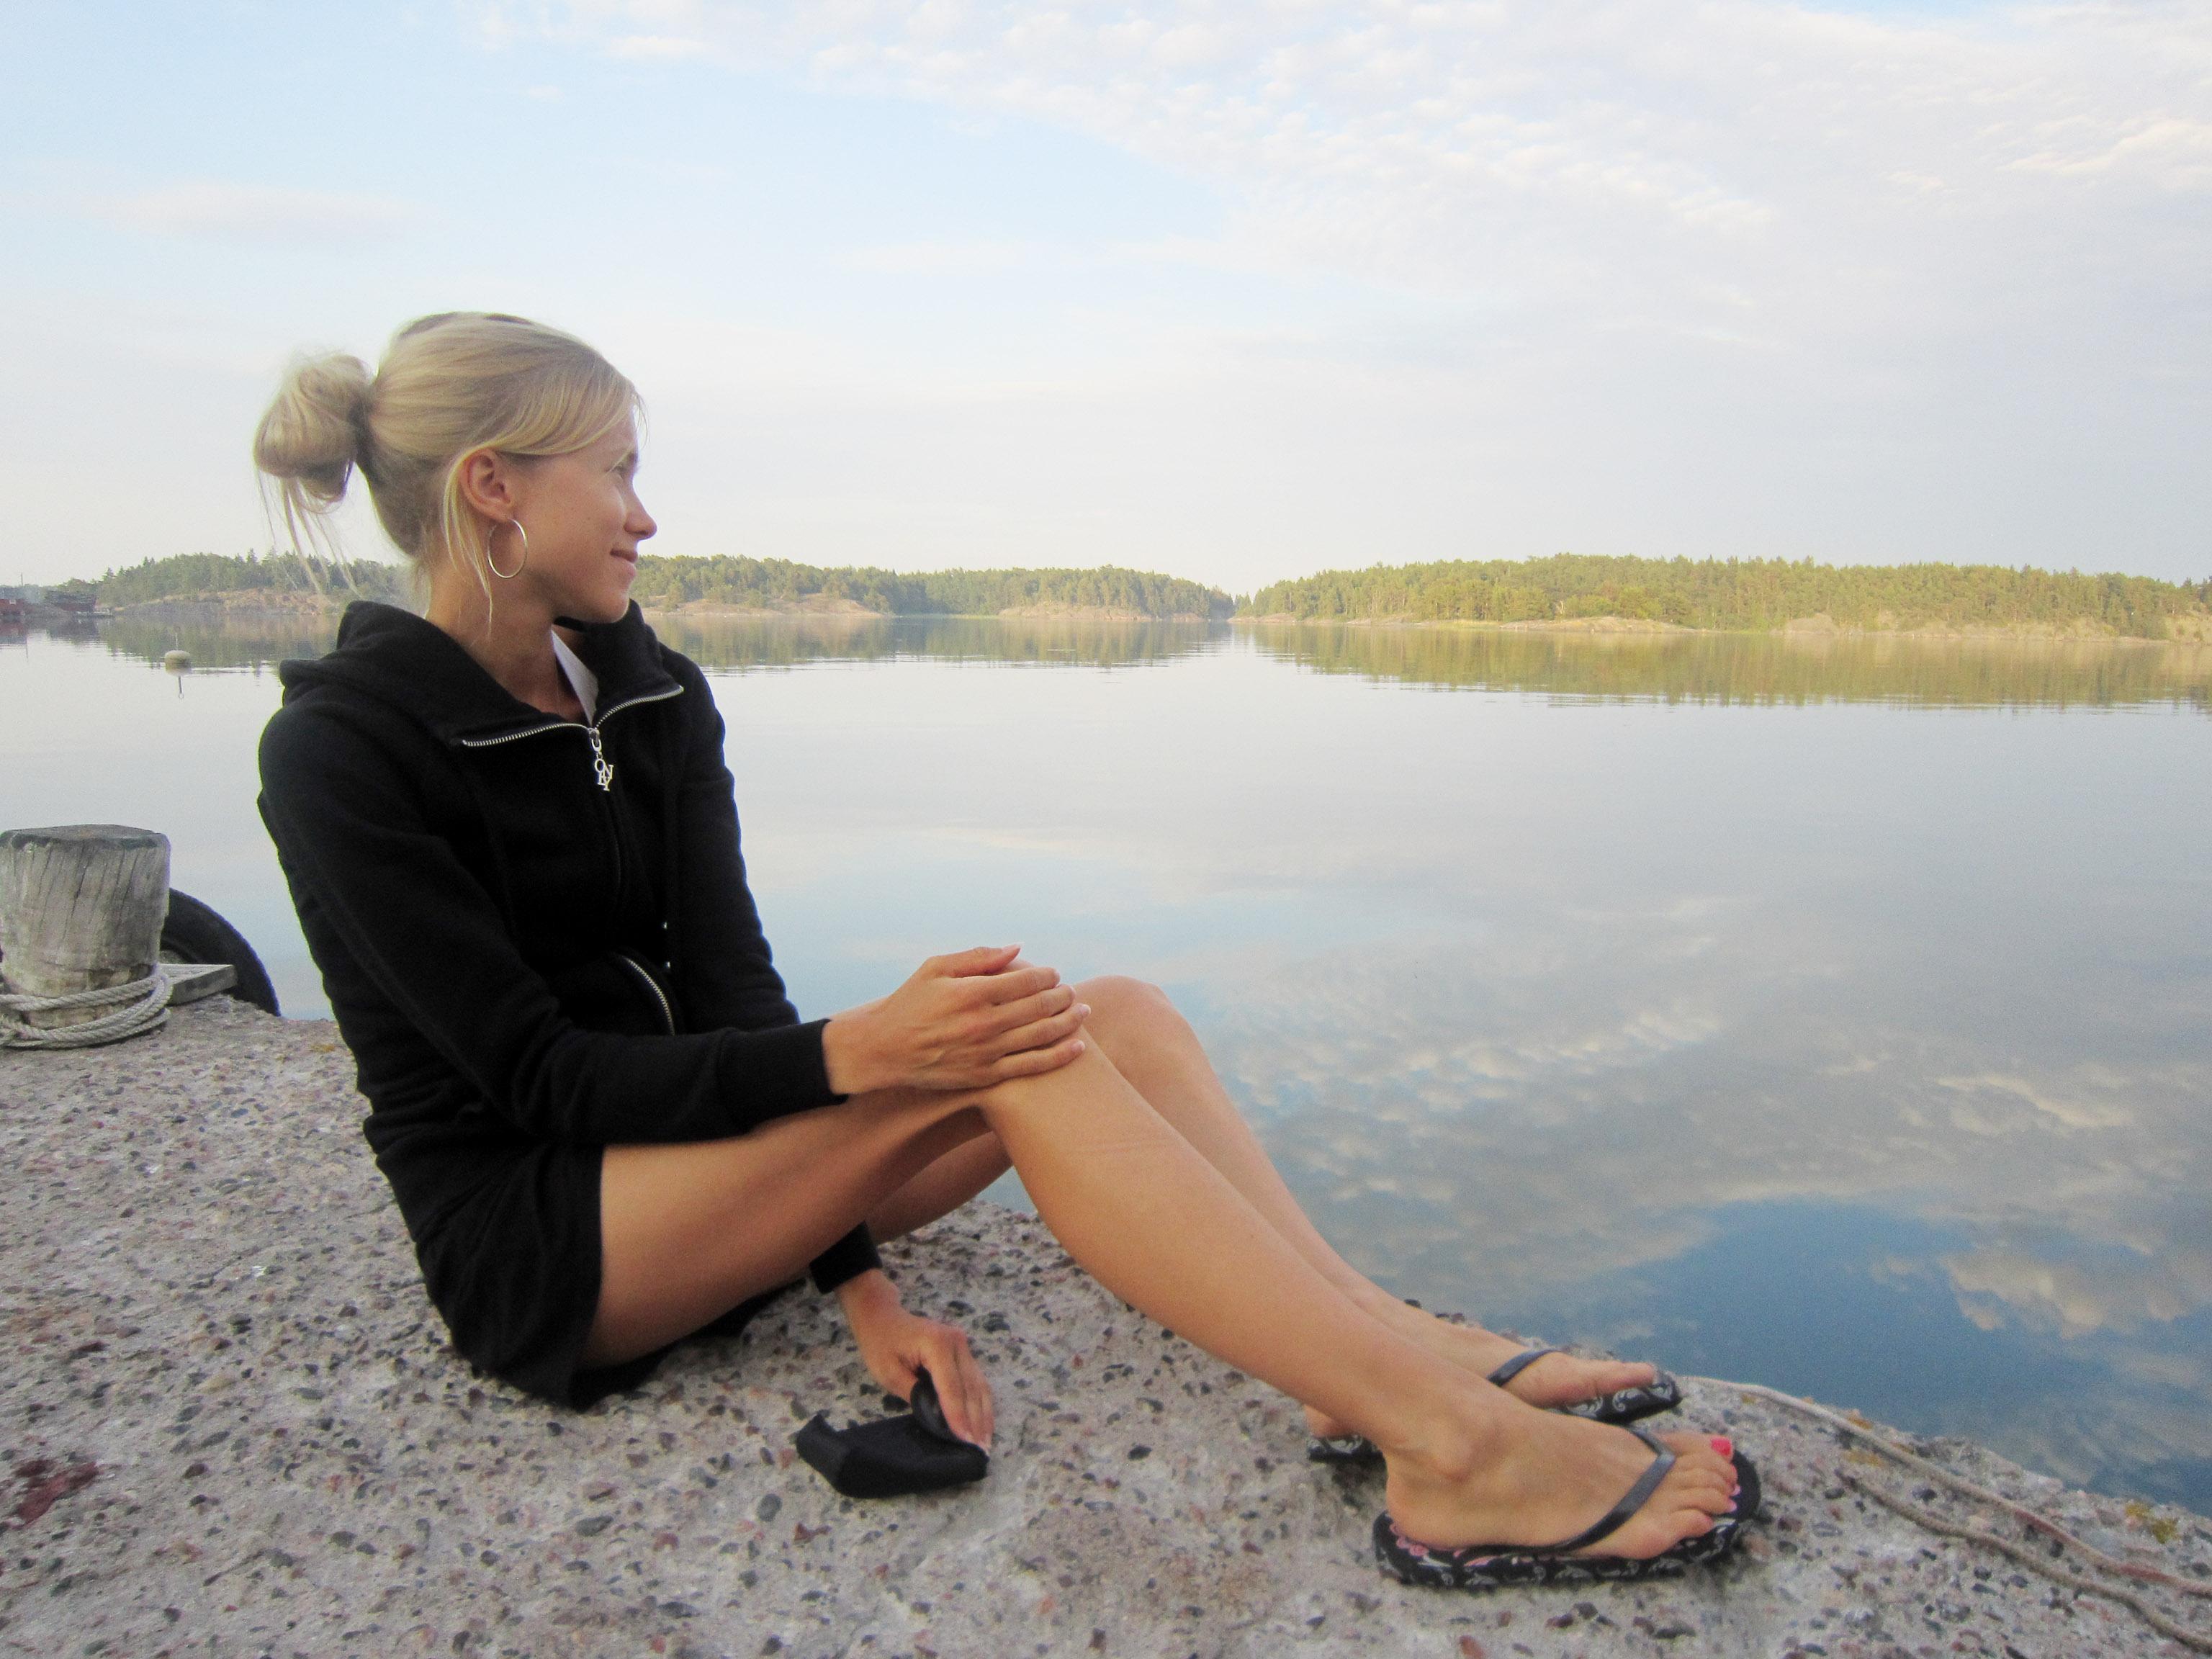 Jessica Brander kuvailee kaunistelematta ja suorasukaisesti syömishäiriöstään. Yle Kuvapalvelu